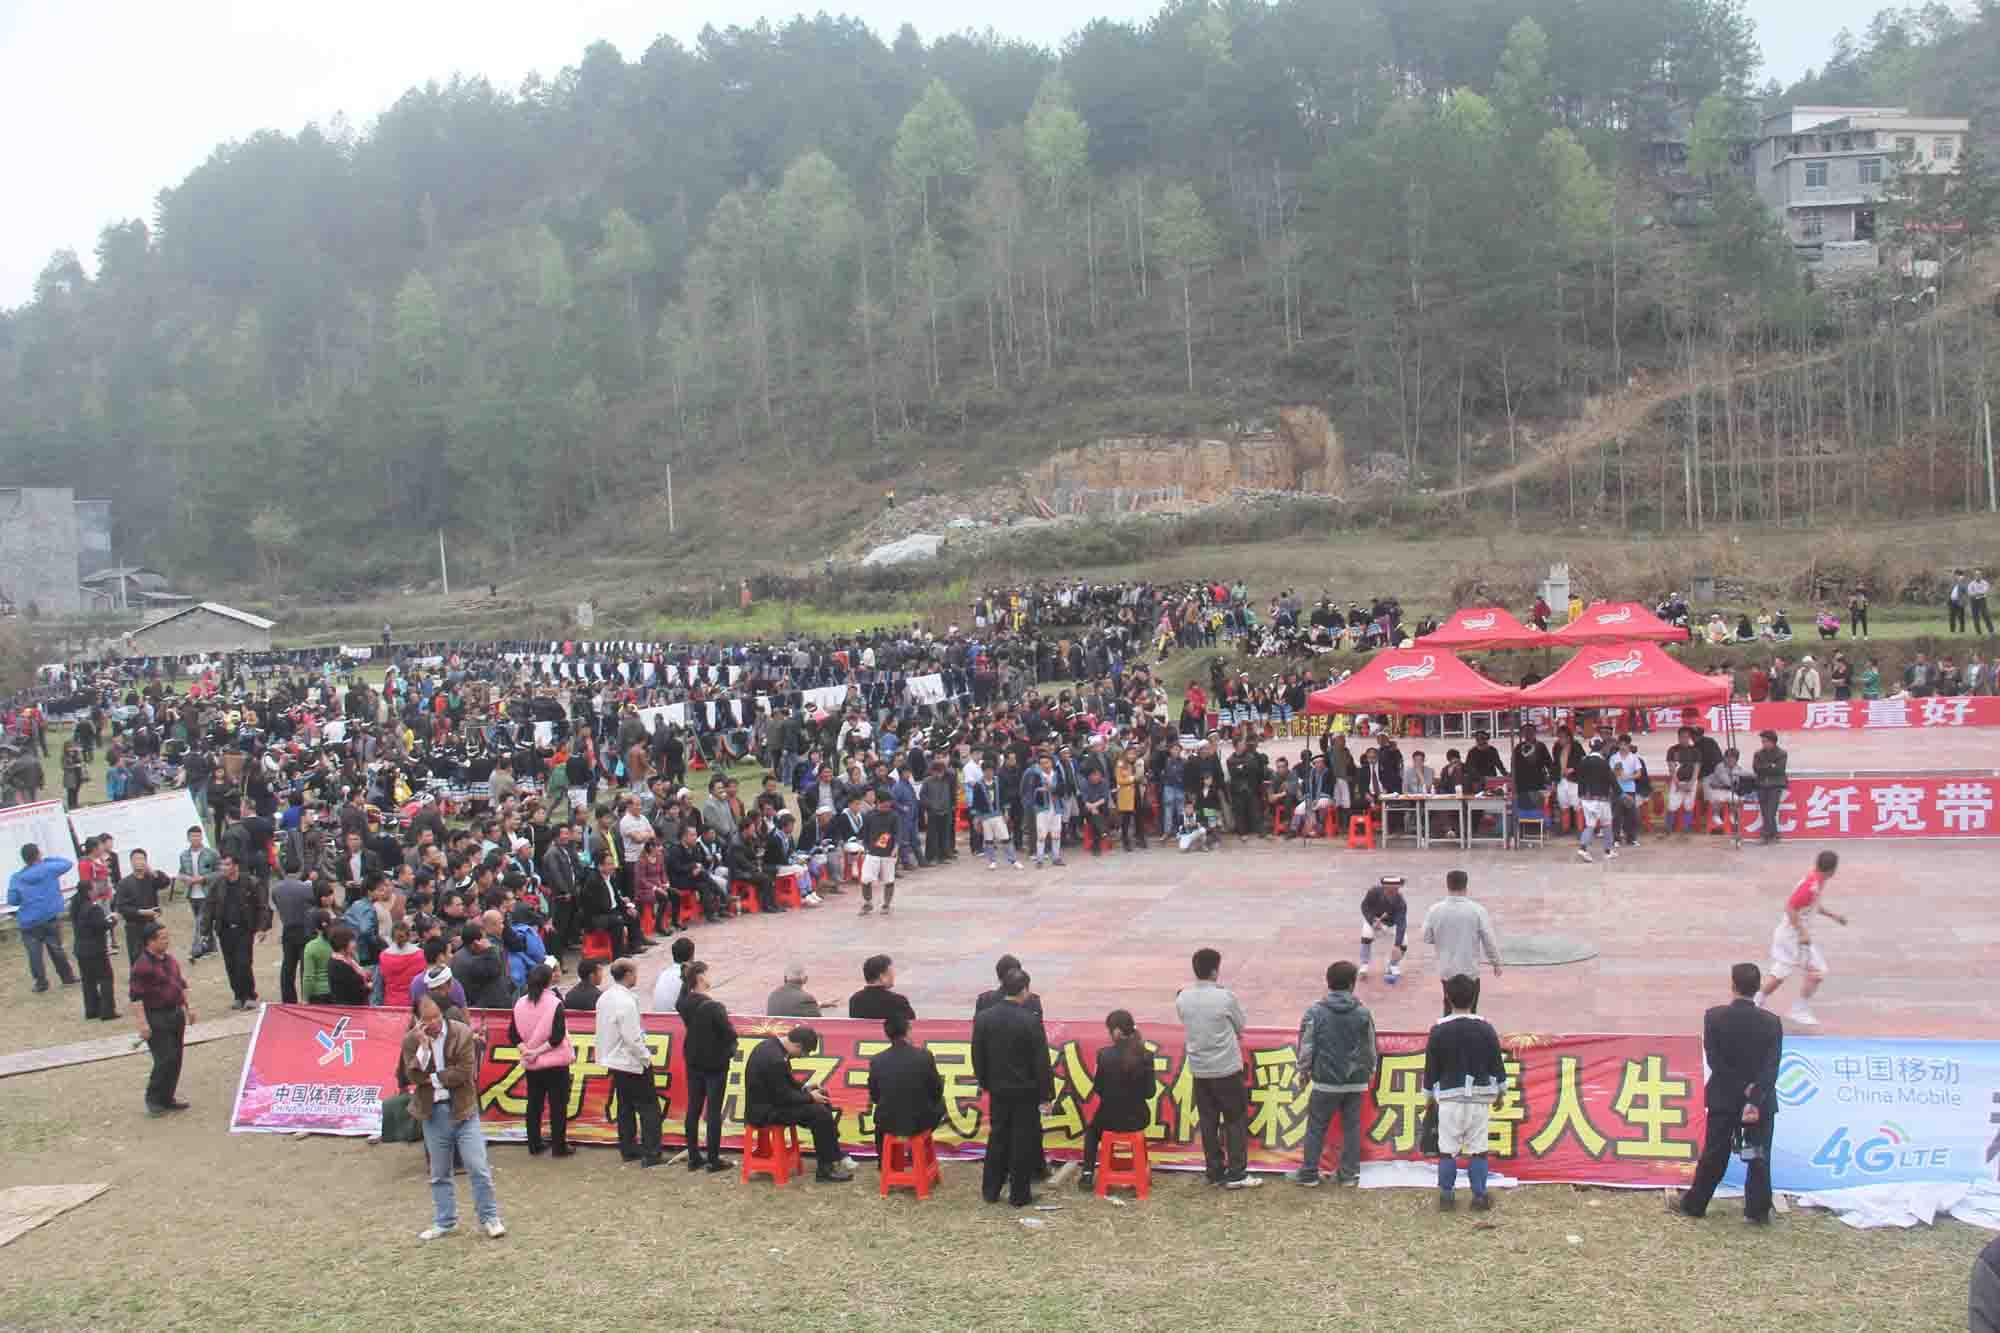 丹泉酒业举办广西南丹・丹文化旅游节闭幕式暨颁奖文艺演出